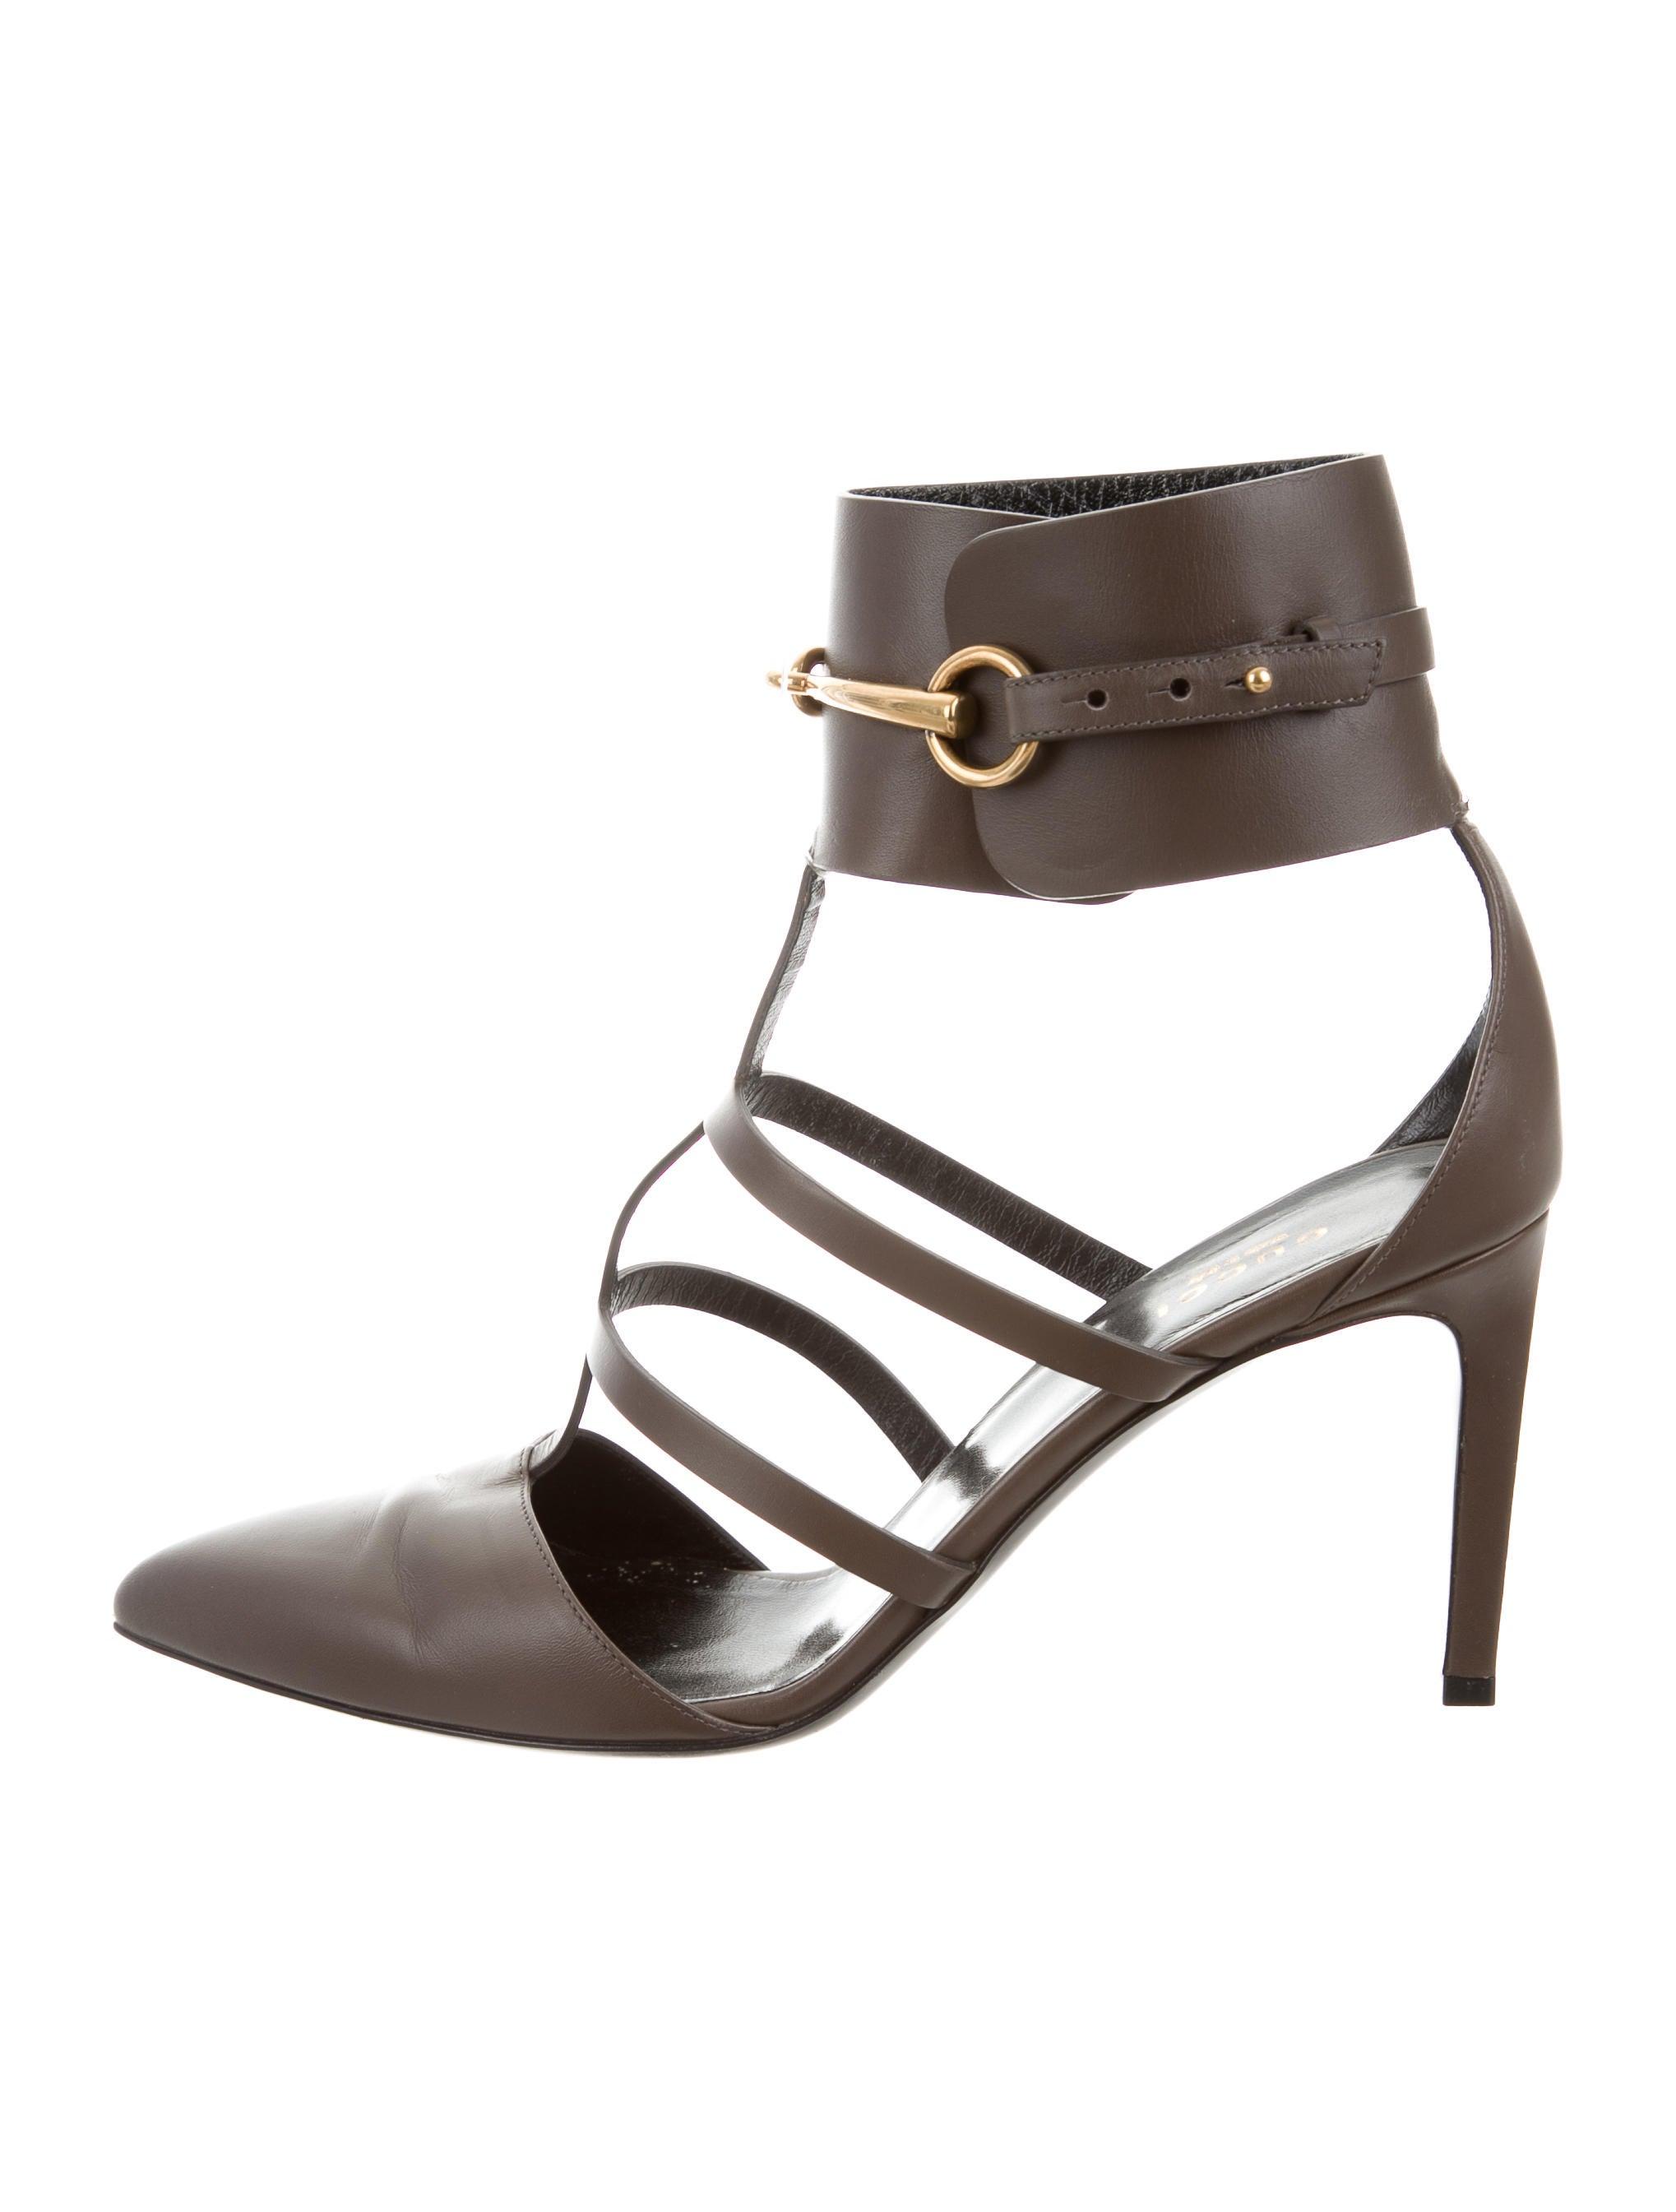 ef4d1af7dd6 Gucci Ursula Horsebit Cage Pumps - Shoes - GUC159746